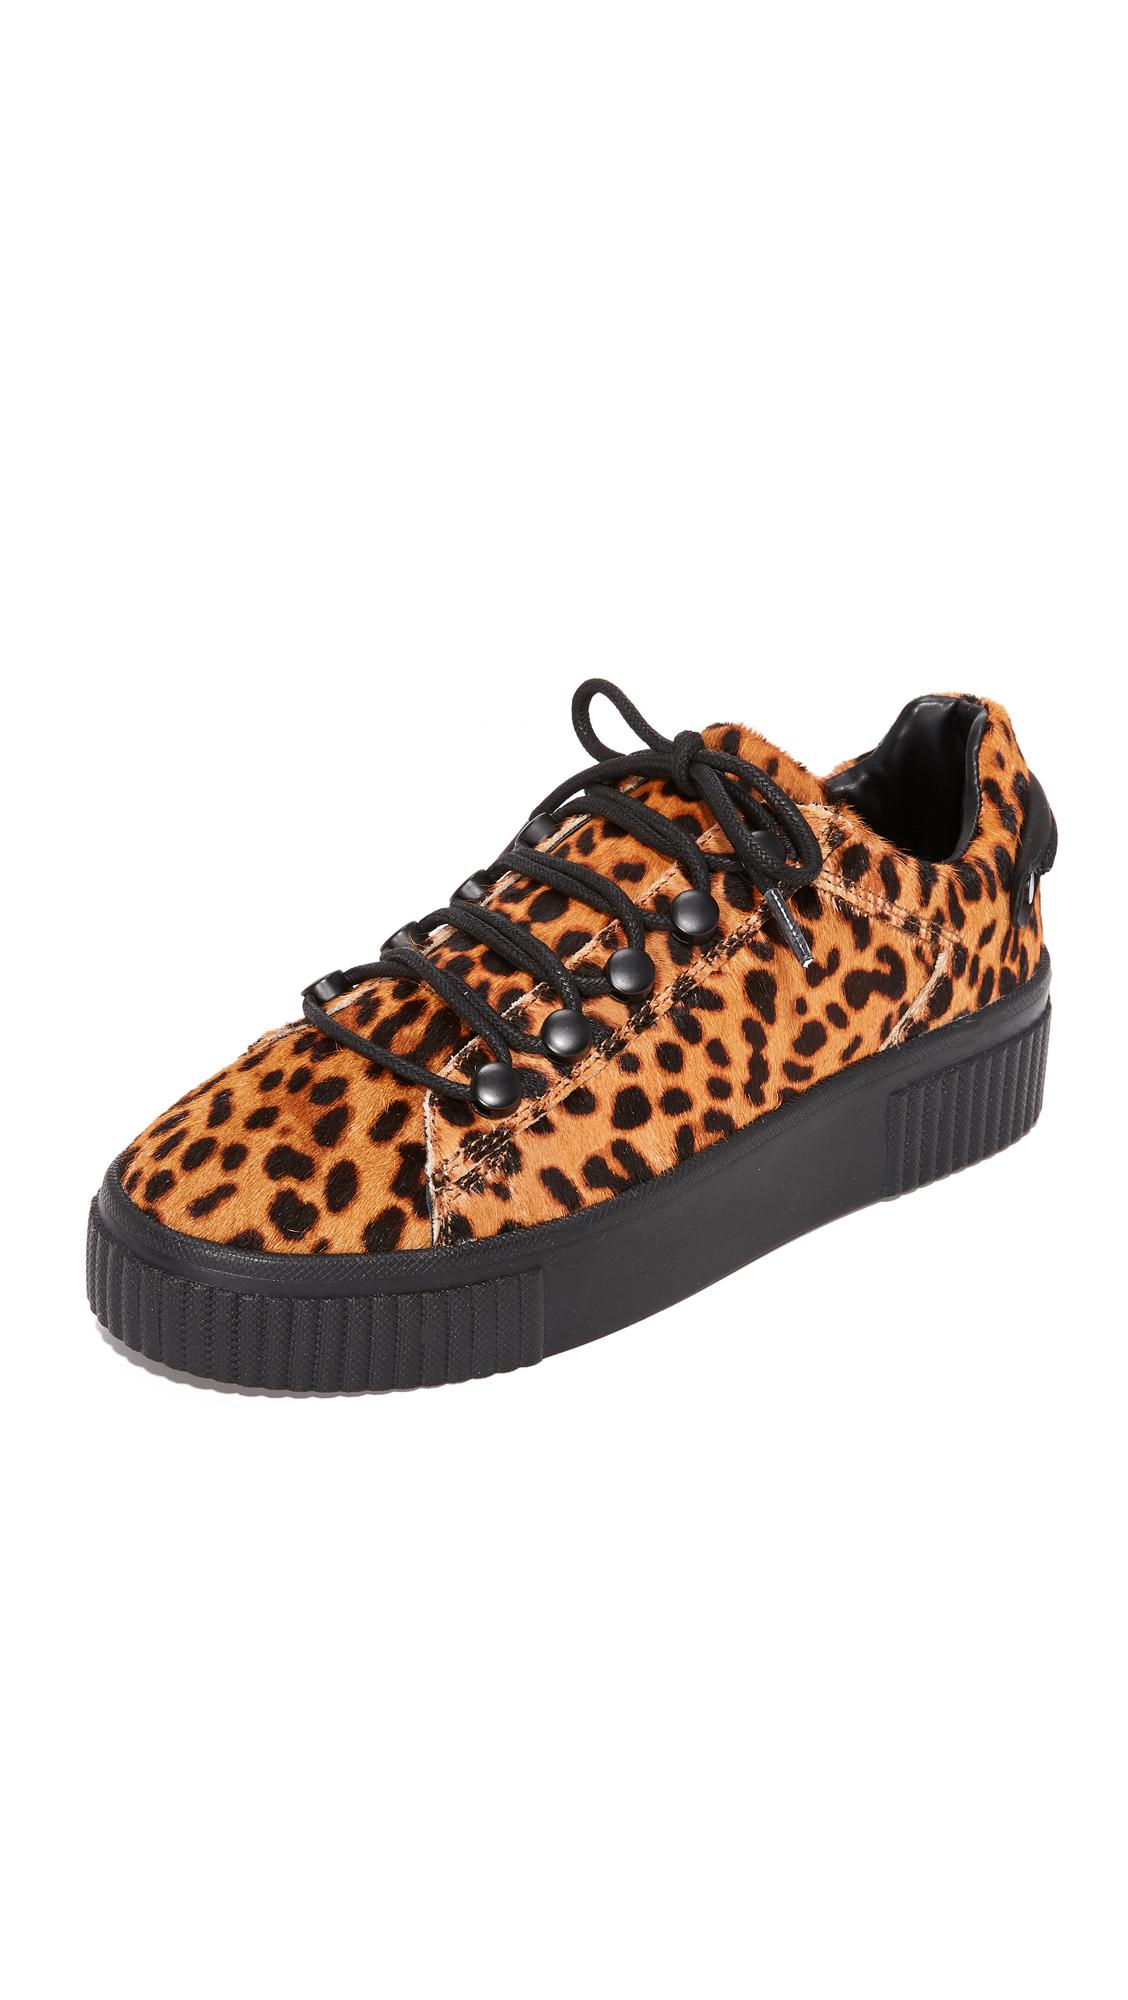 KENDALL + KYLIE Rae IV Leopard Sneakers - Tan Multi/Black